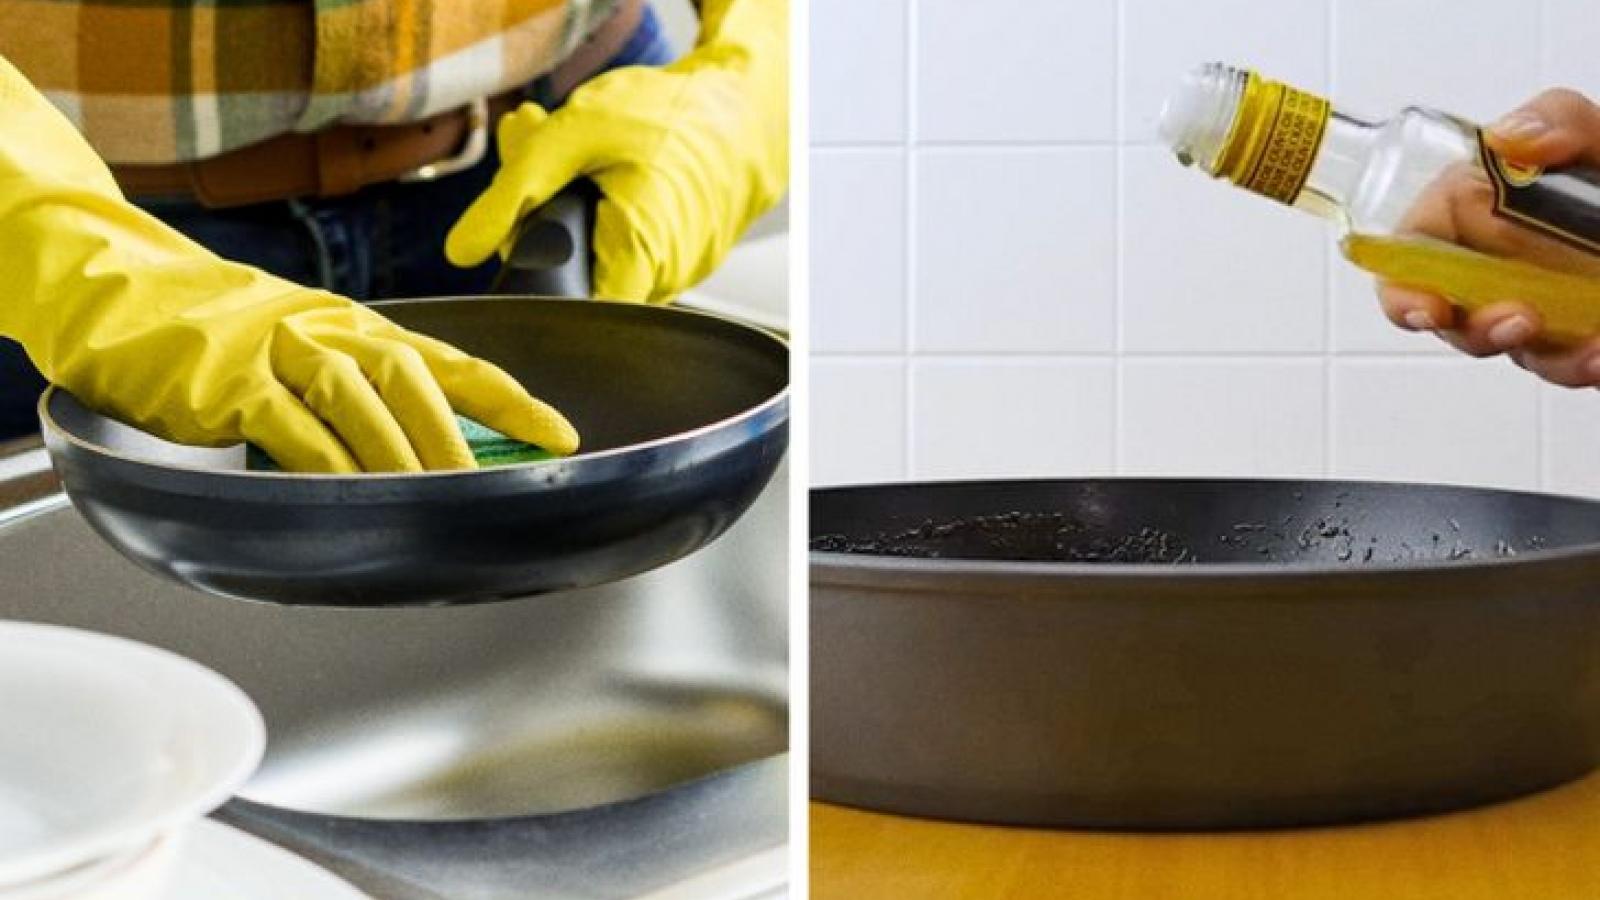 Những mẹo đơn giản giúp làm sạch nhà cửa dễ dàng